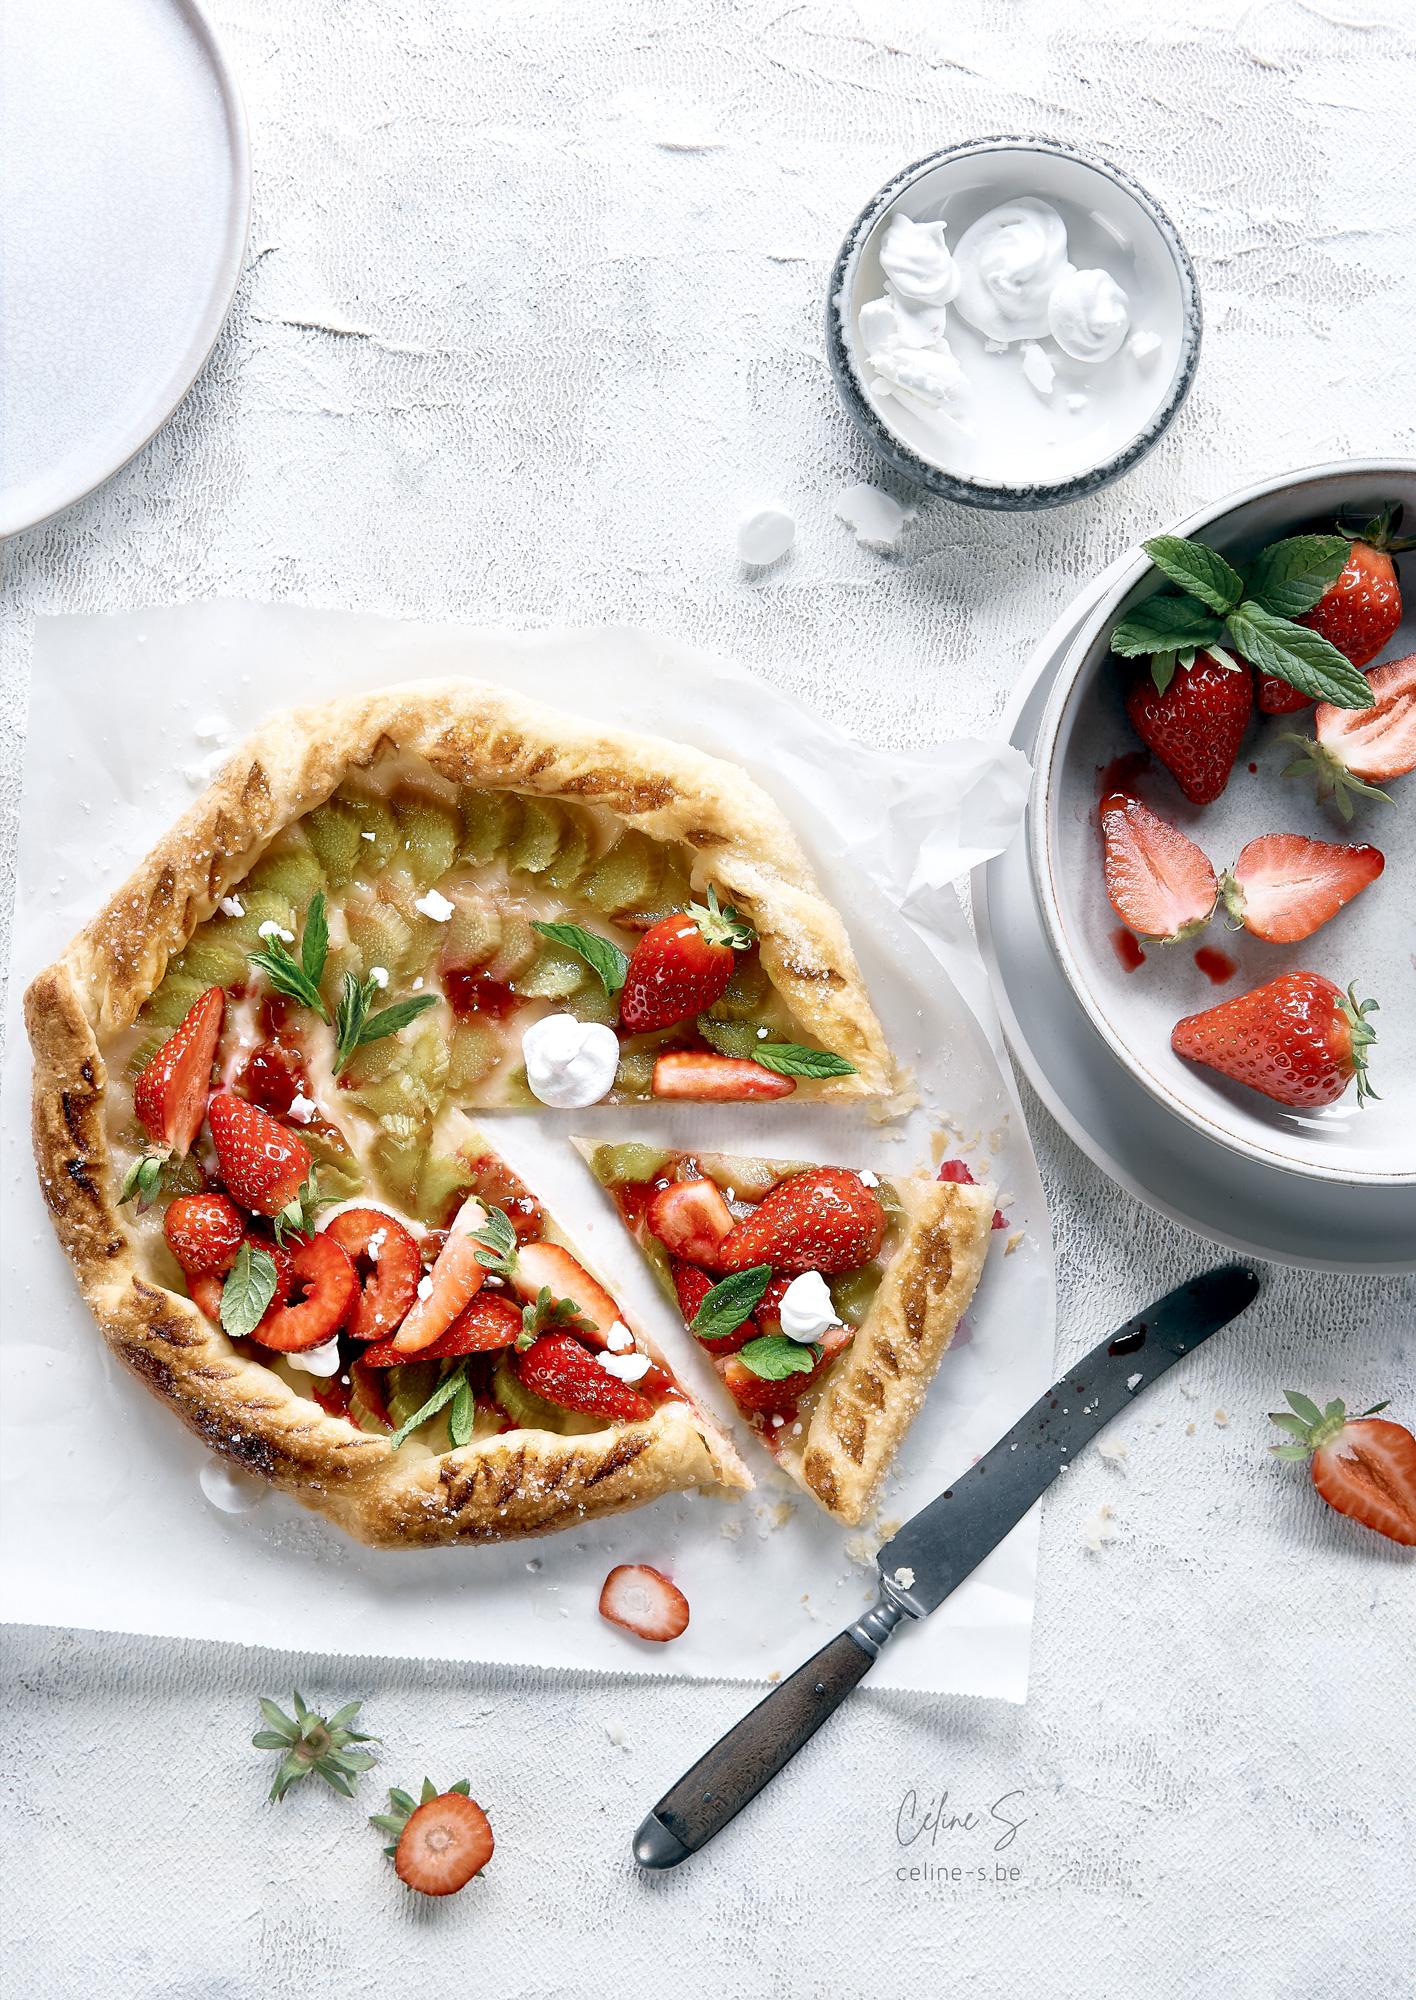 Céline Stiévenard - food photography - photographe et styliste culinaire - photo et recette de tarte ultra rapide à la rhubarbe et aux fraises - Liège, Belgique